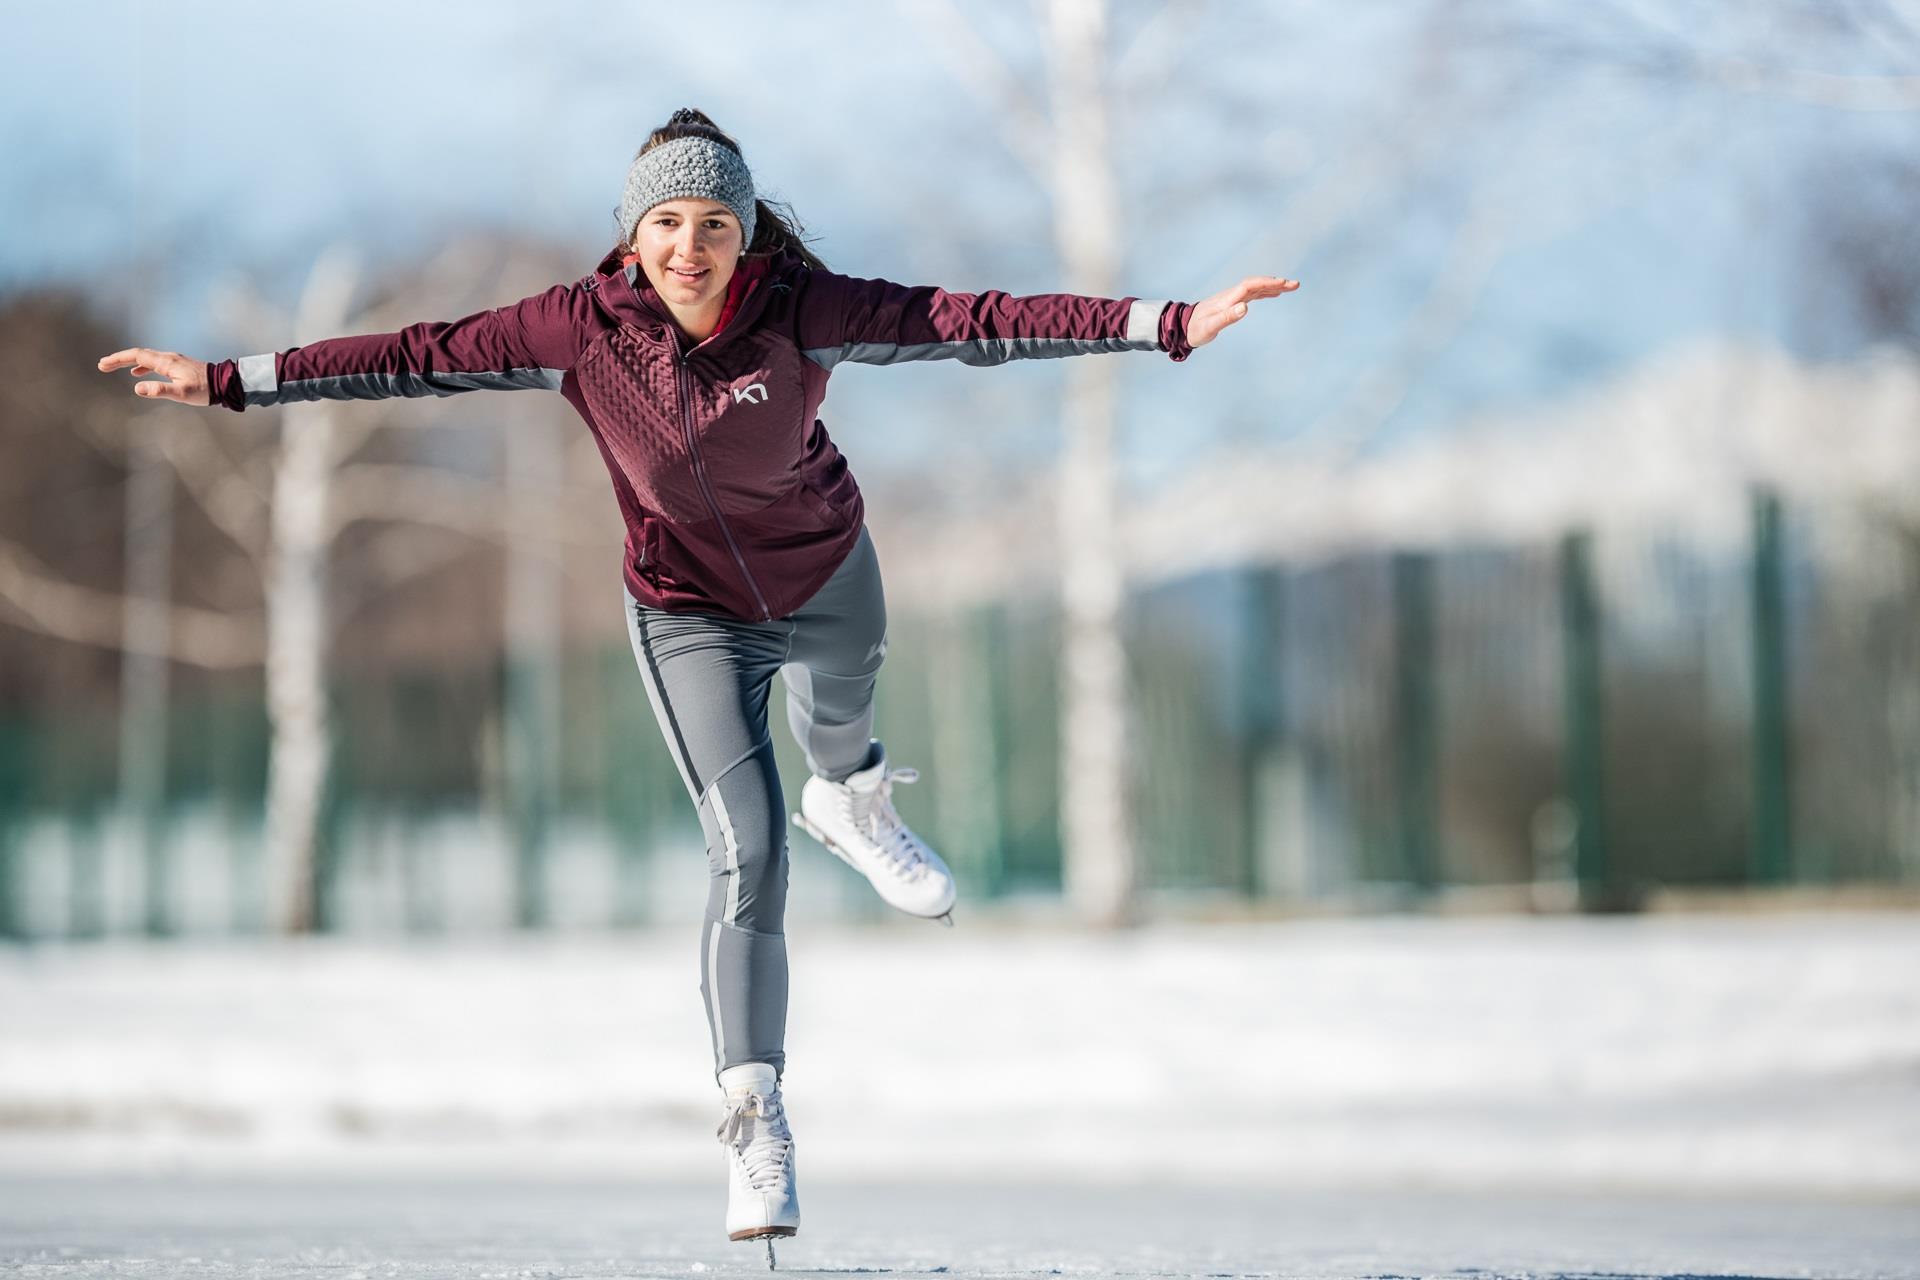 Ice rink Percha/Perca-Unterwielenbach/Vila di Sotto